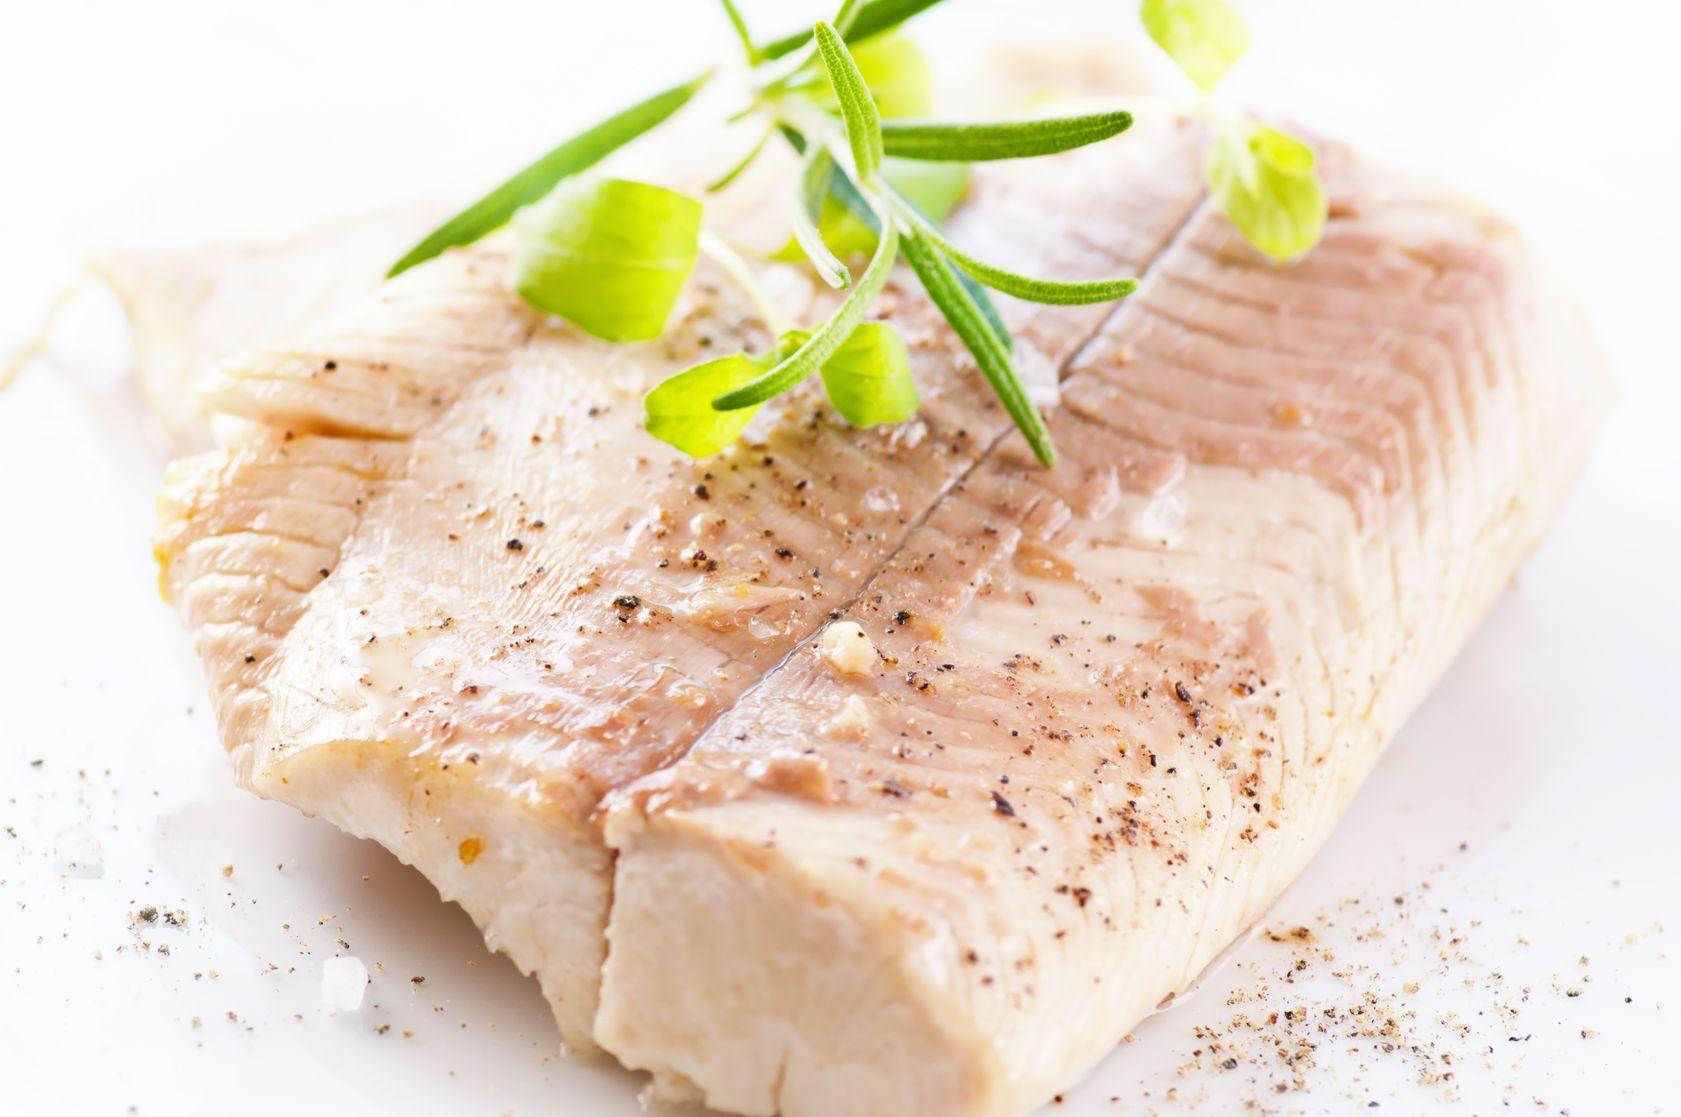 แนะผู้ป่วยเบาหวานกินปลา ชี้ให้คุณค่าอาหารสูง thaihealth